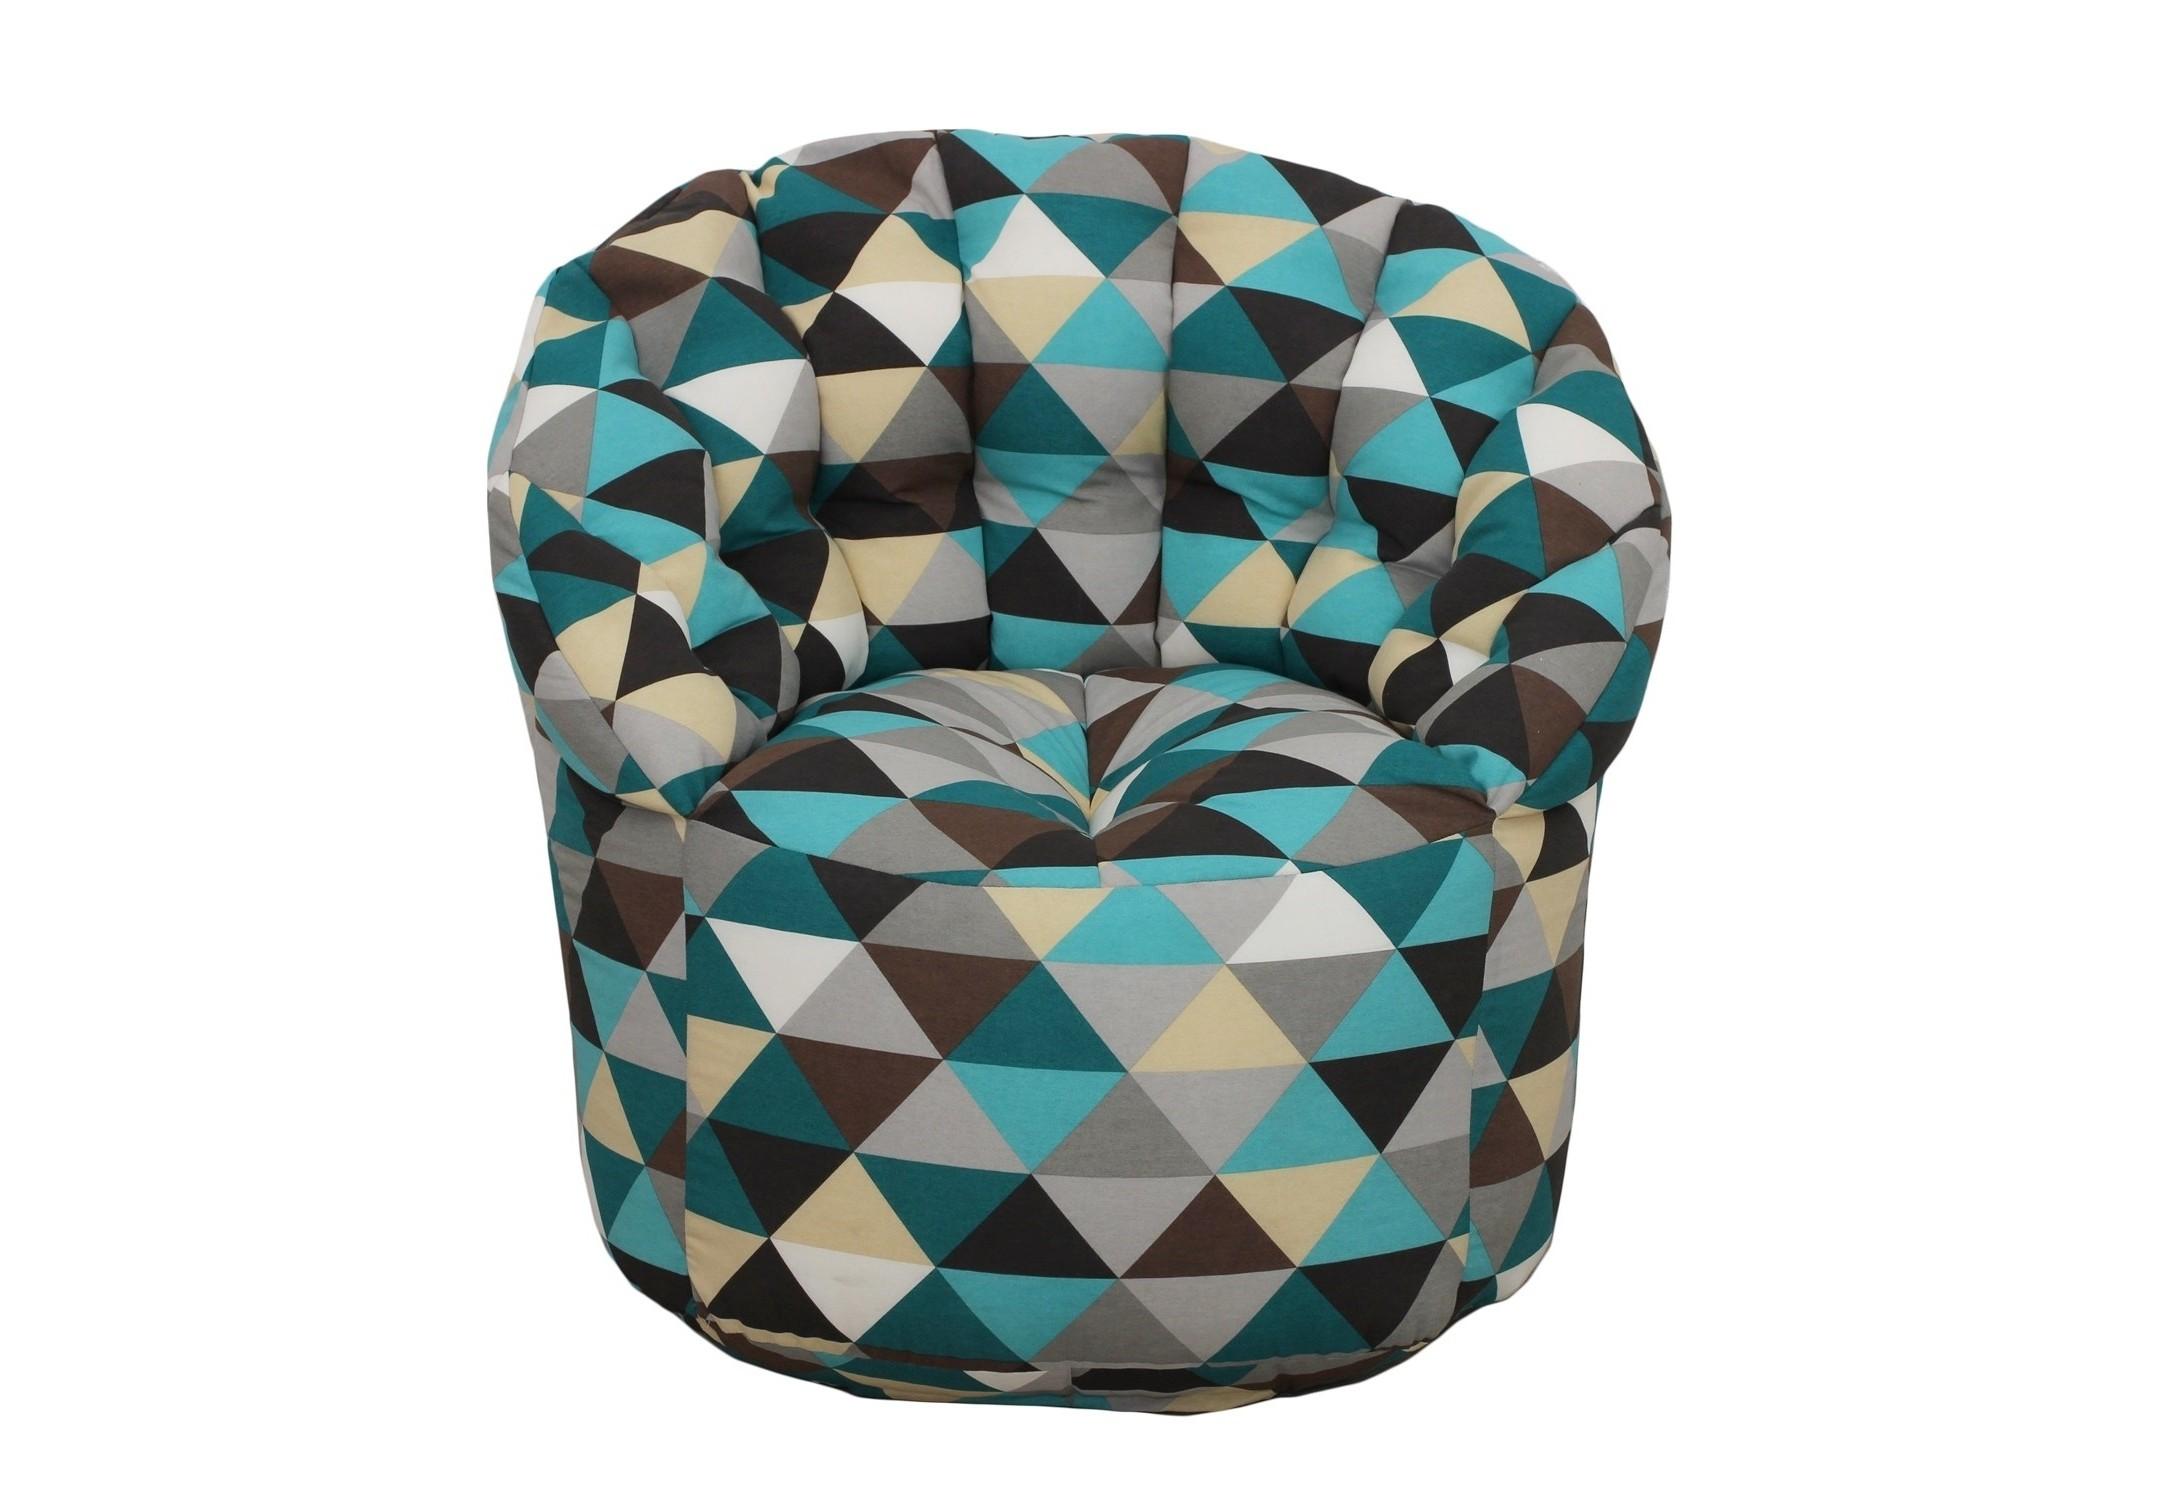 Кресло-пуфКресла-мешки<br>Комфортное кресло-пуф станет неотьемлемой частью вашего дома. Спинка кресла держит форму и обеспечивает круговую поддержку для спины за счет особой системы пошива. Кресло имеет 2 независимых отсека для наполнителя. Эксклюзивная   ткань разбавит ваш интерьер яркими красками.<br><br>Material: Текстиль<br>Length см: None<br>Width см: 85<br>Depth см: 85<br>Height см: 91